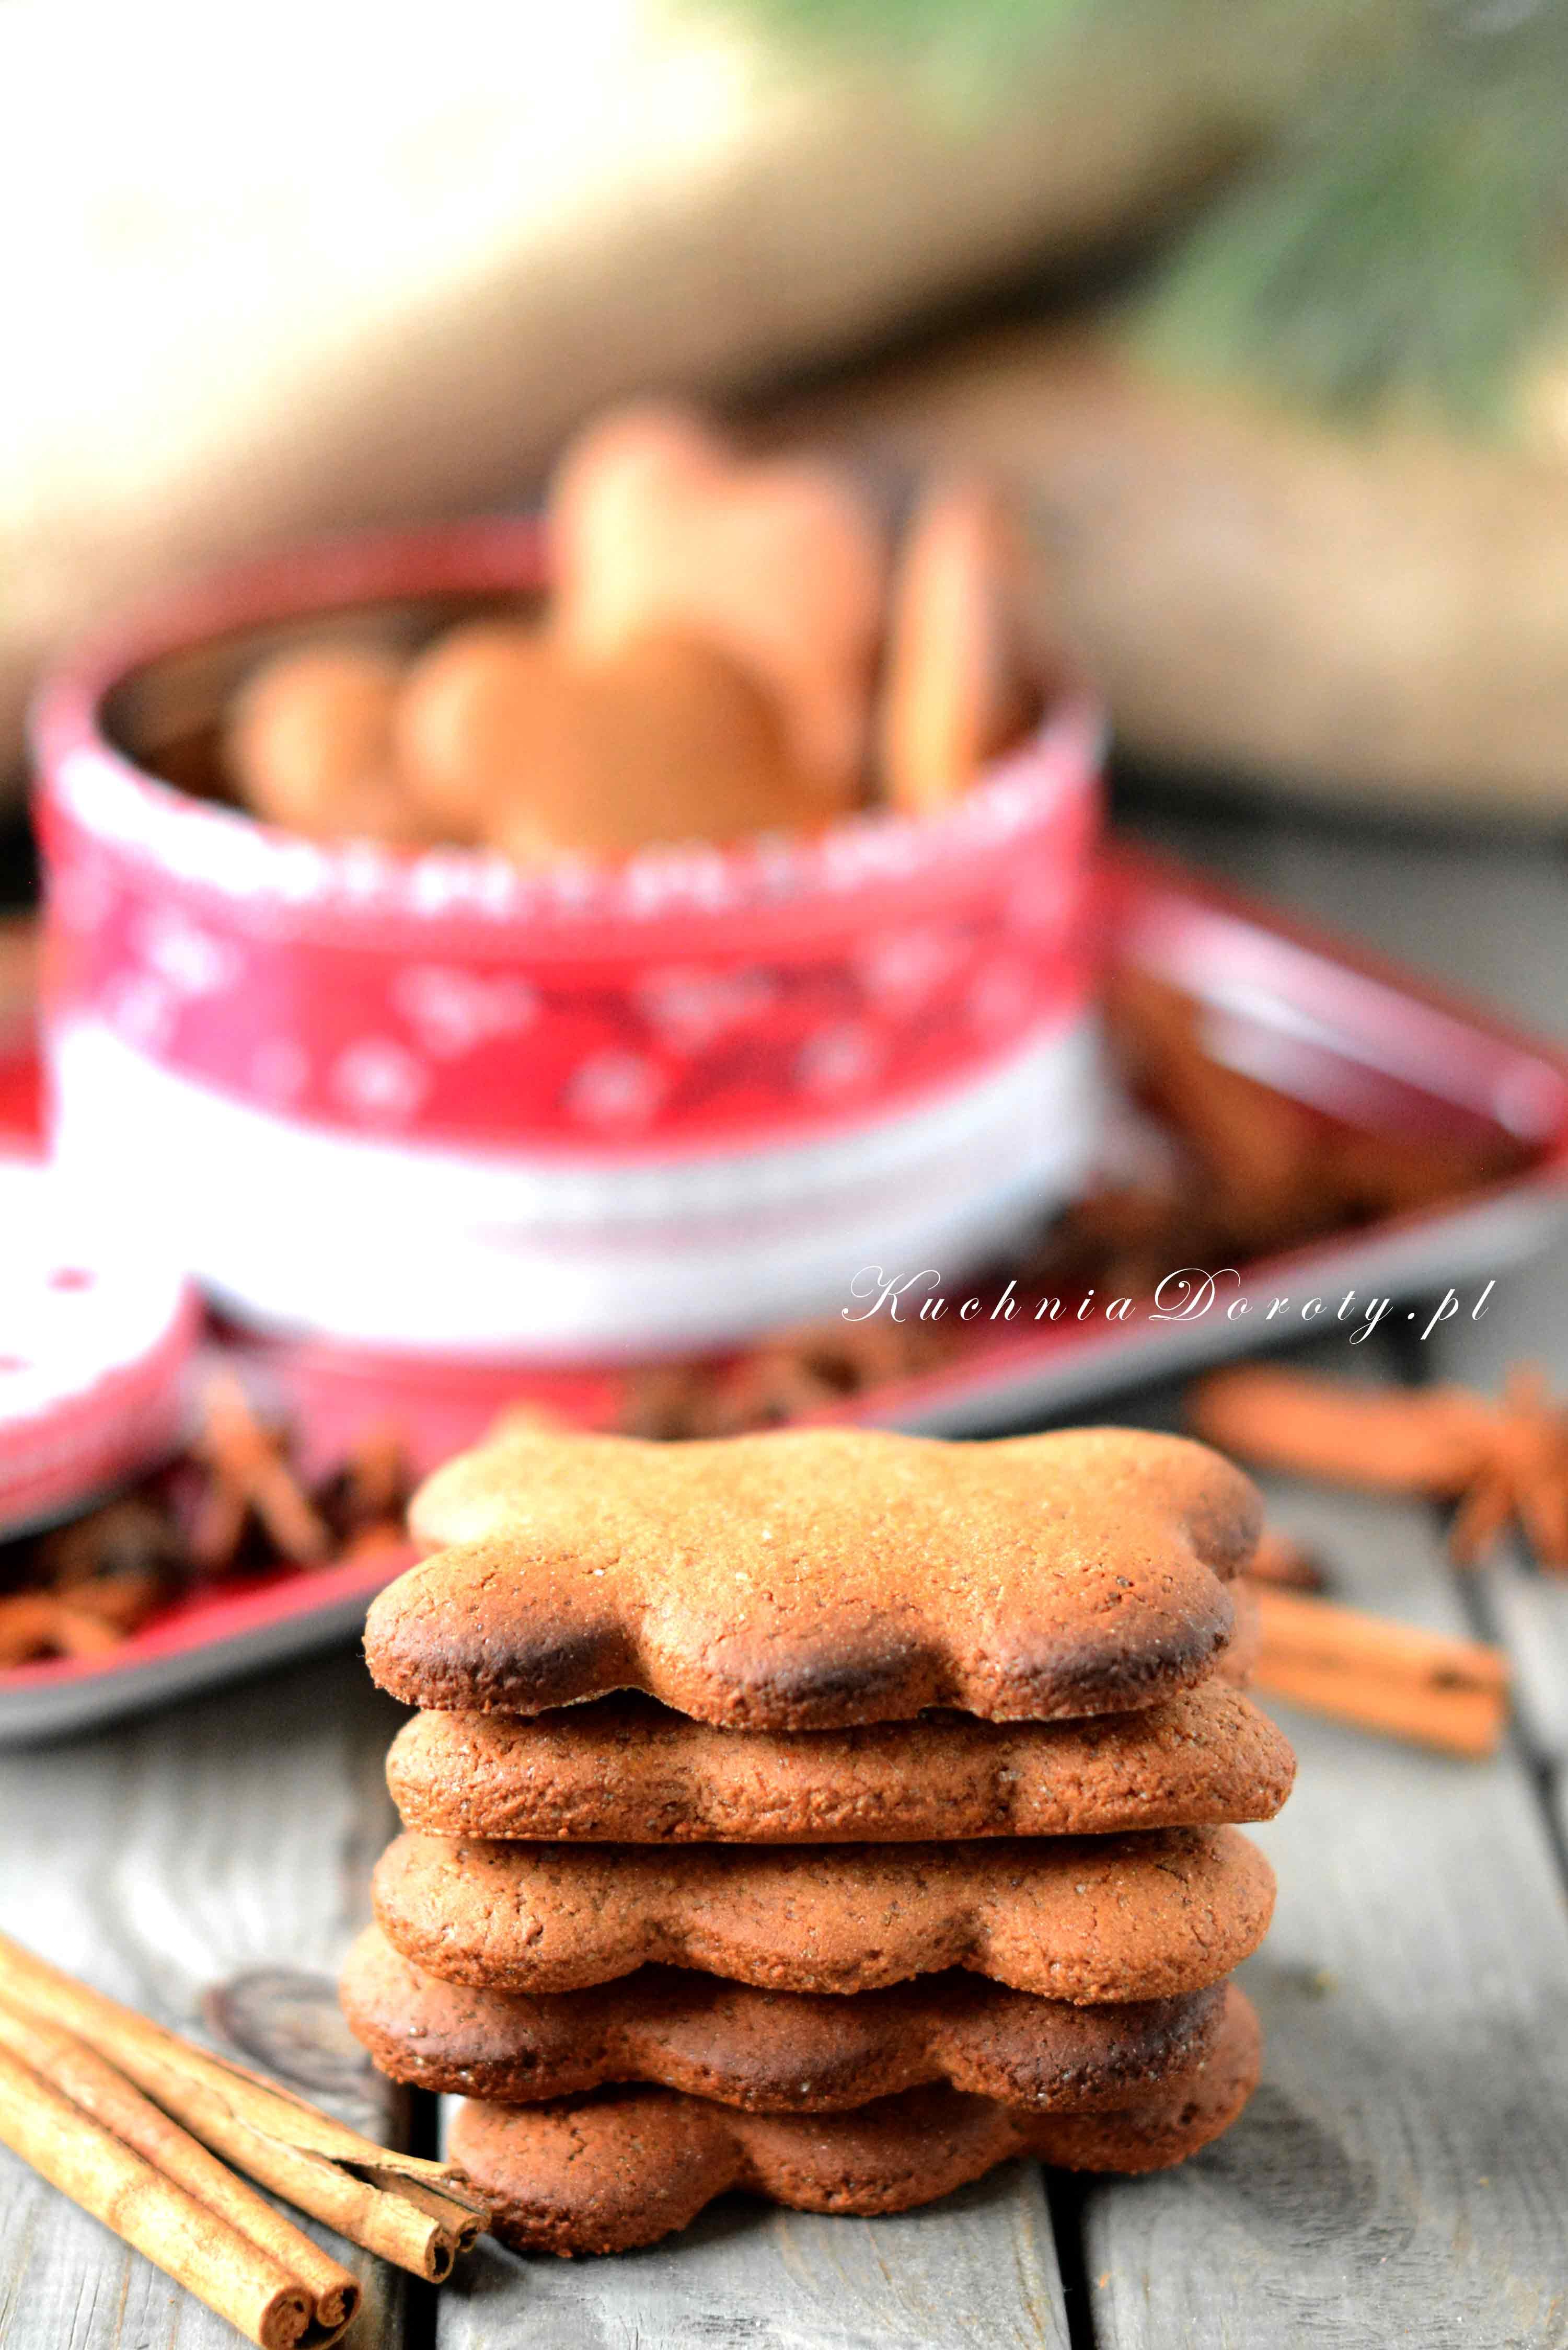 Tradycyjny przepis na pierniczki Katarzynki. Sprawdzony przepis na świąteczne ciastka.